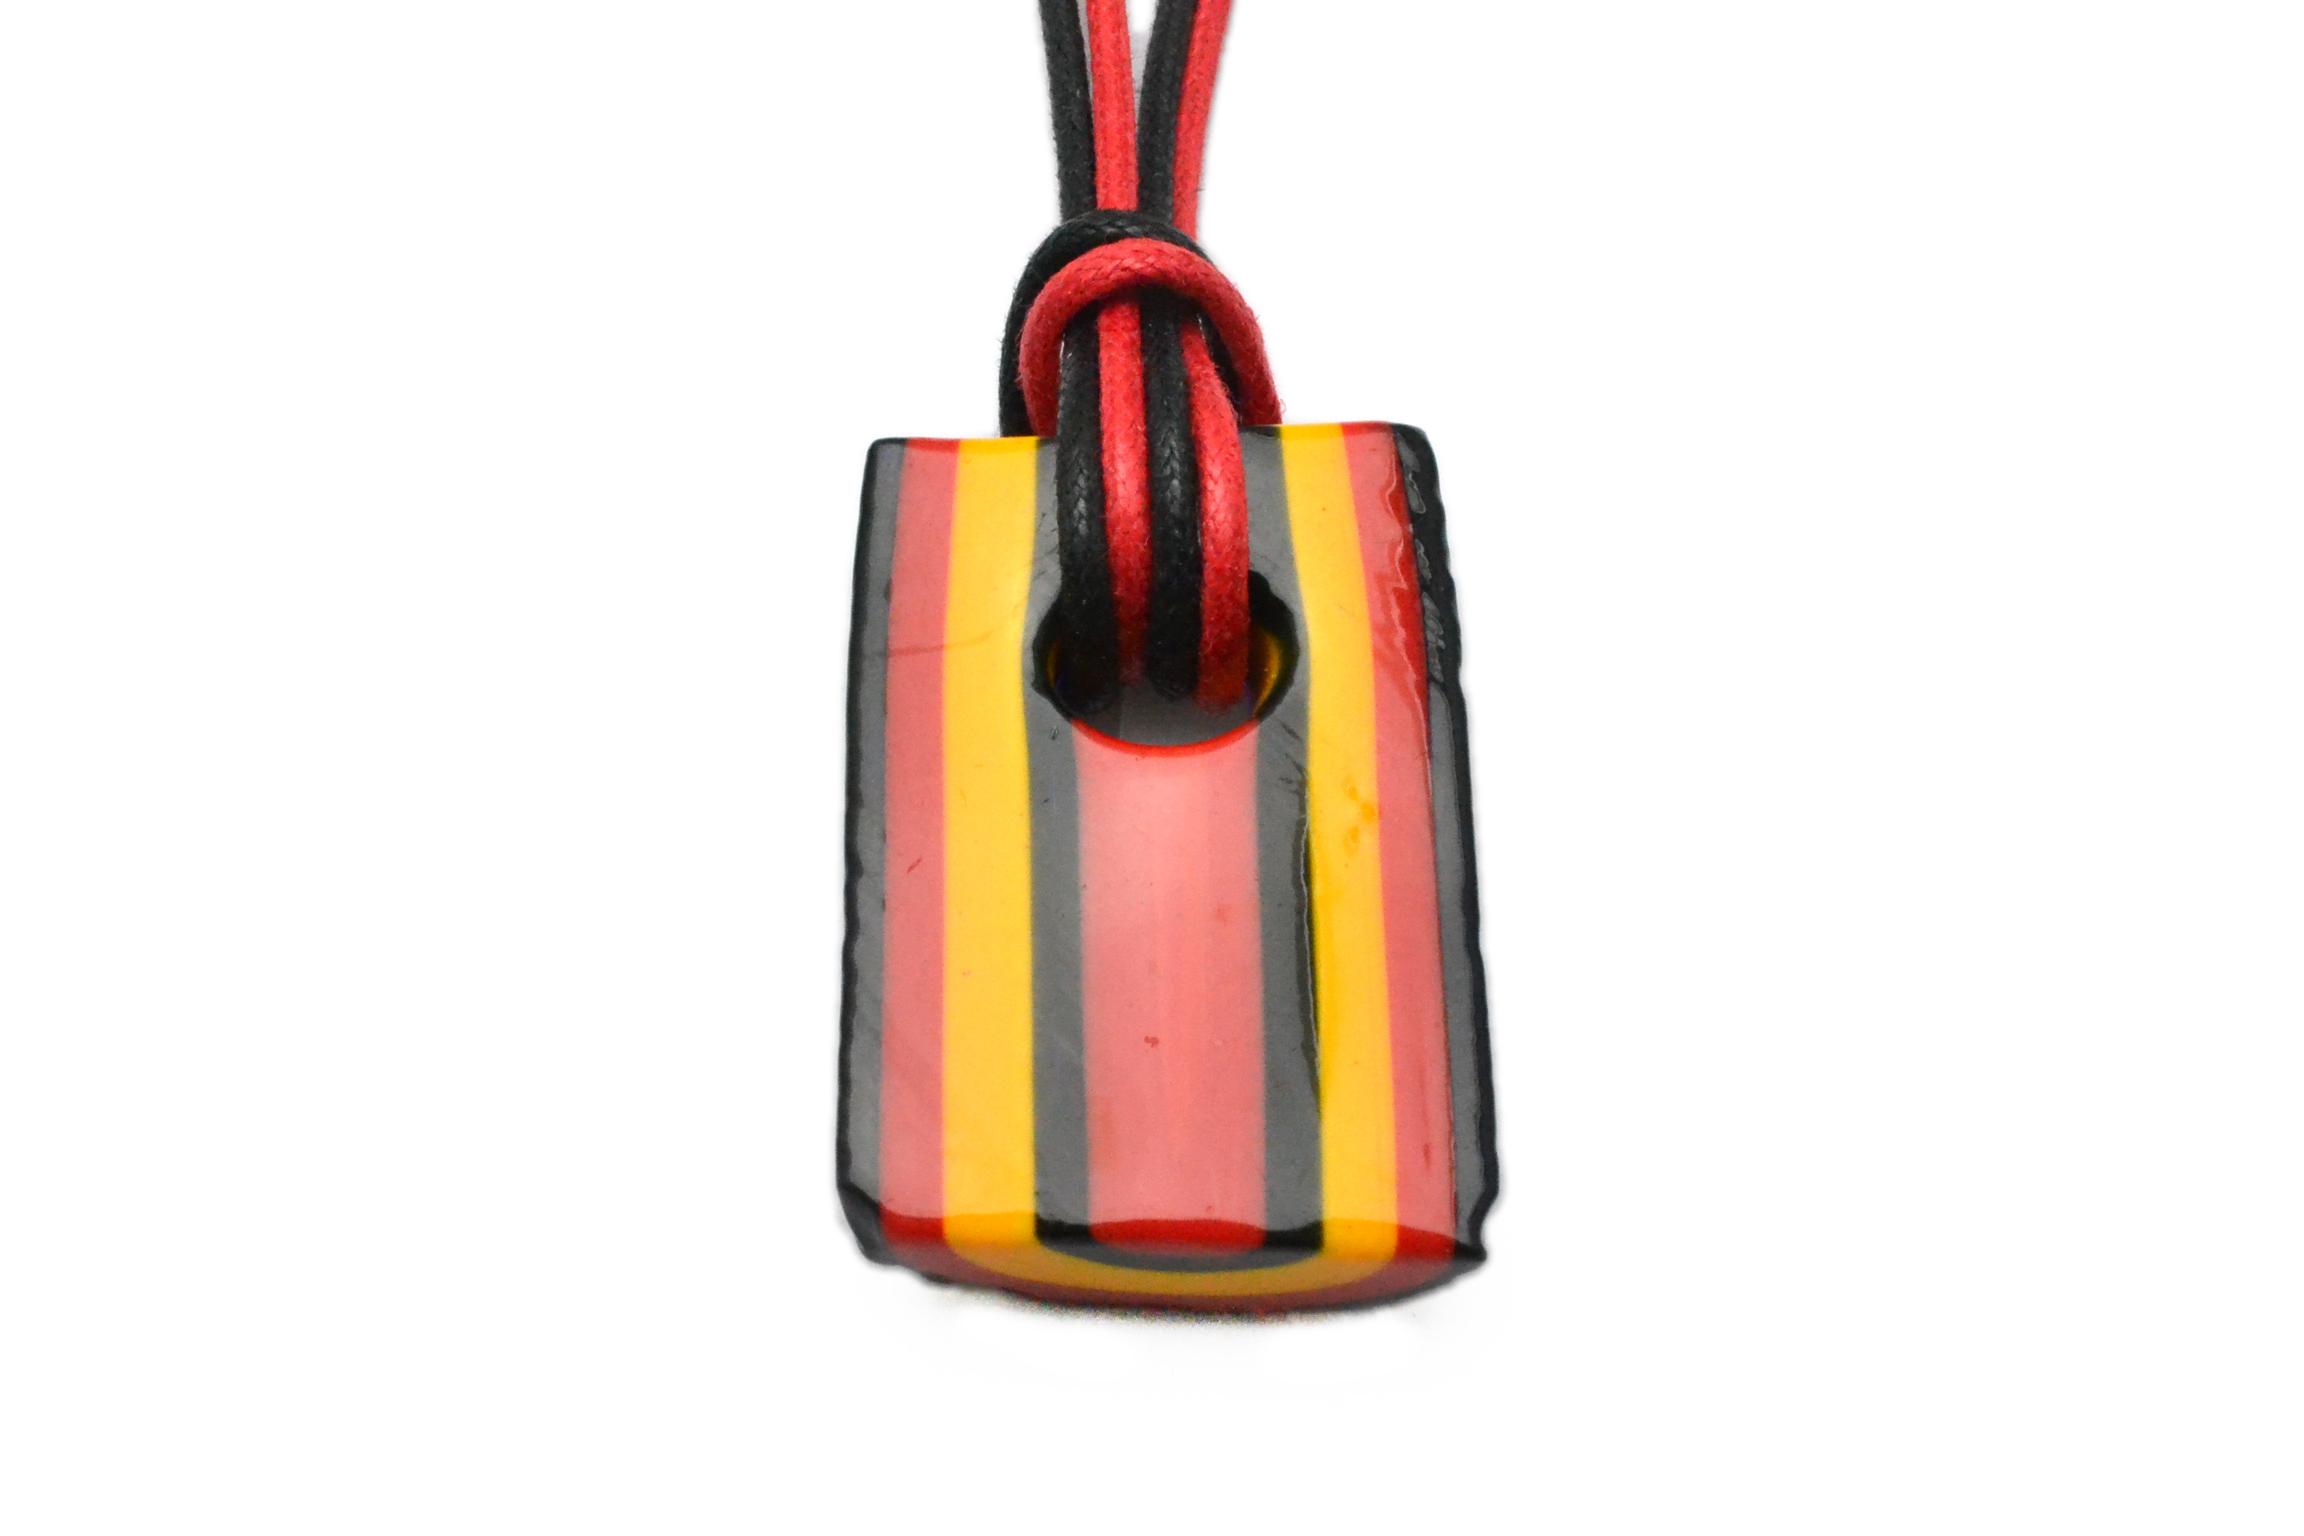 ムラーノグラスペンダント トロンケッティ レッド×オレンジ×ブラック フリーサイズネックレス付き